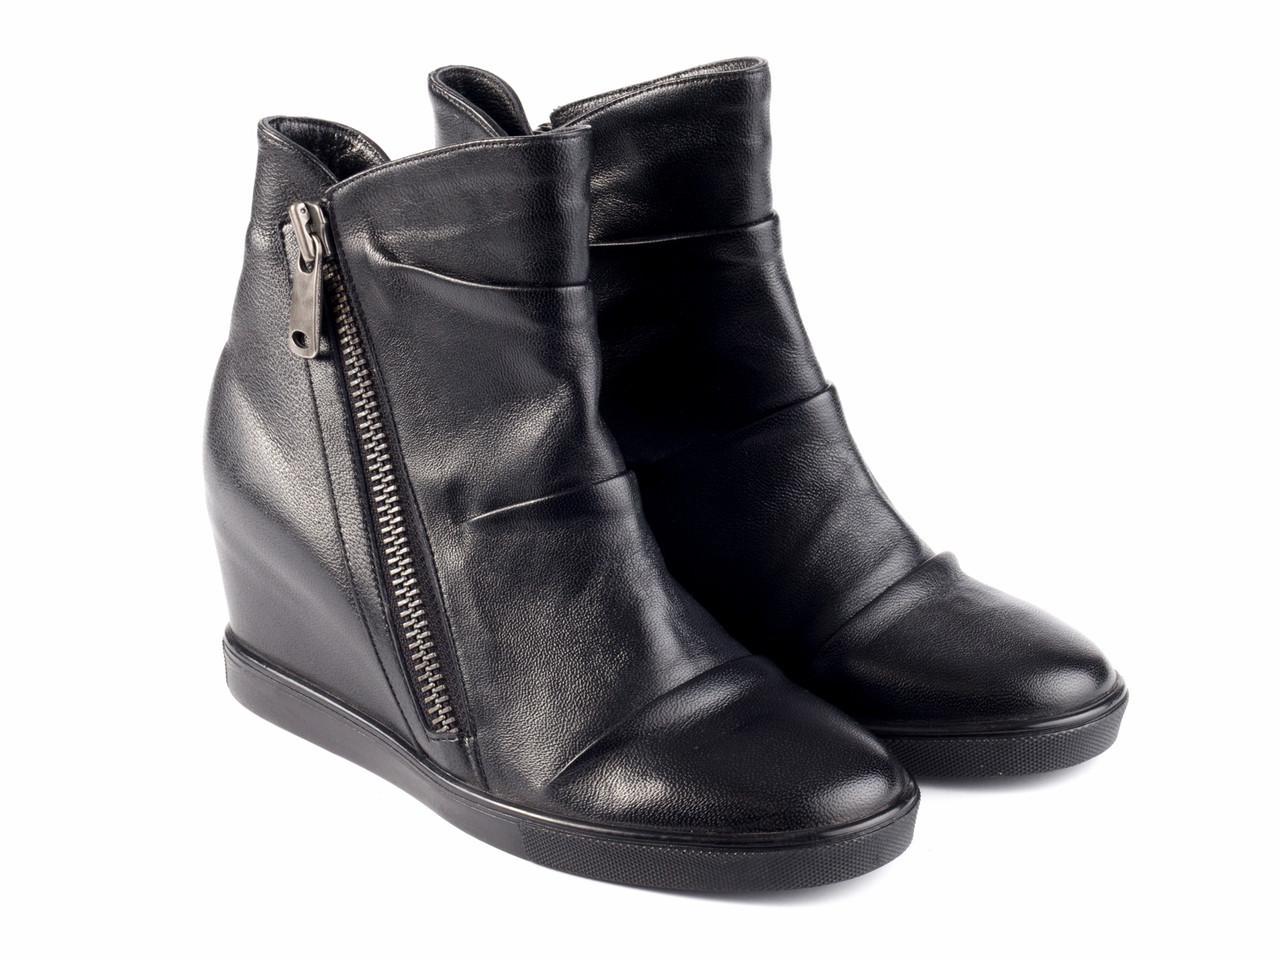 Ботинки Etor 4355-7140-1 38 черные